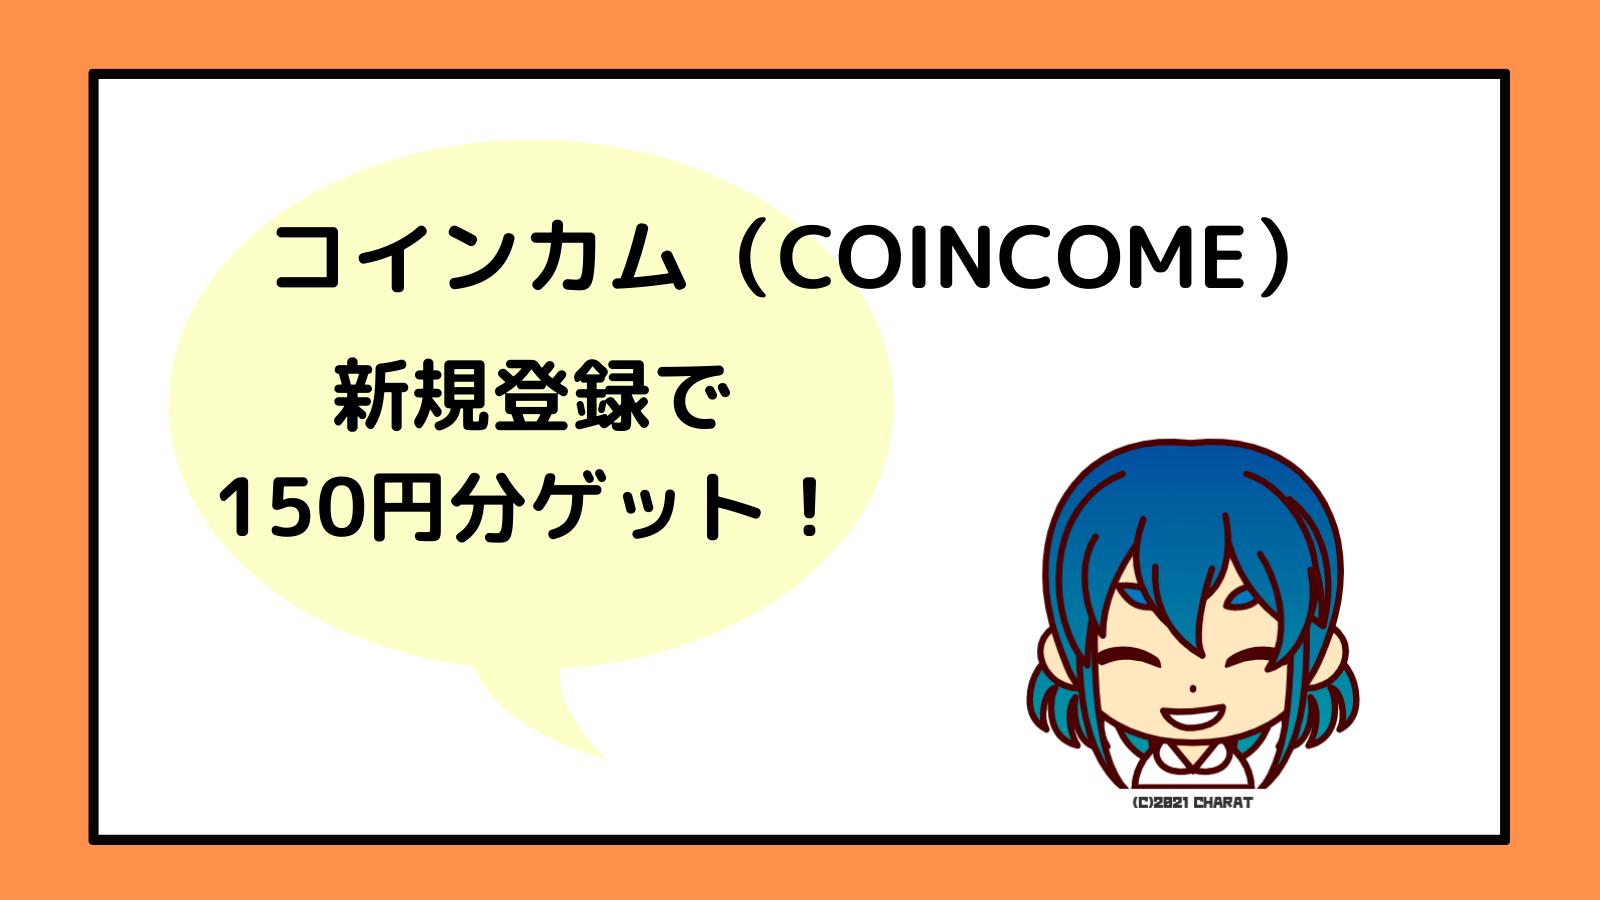 コインカム新規登録で150円分ゲット